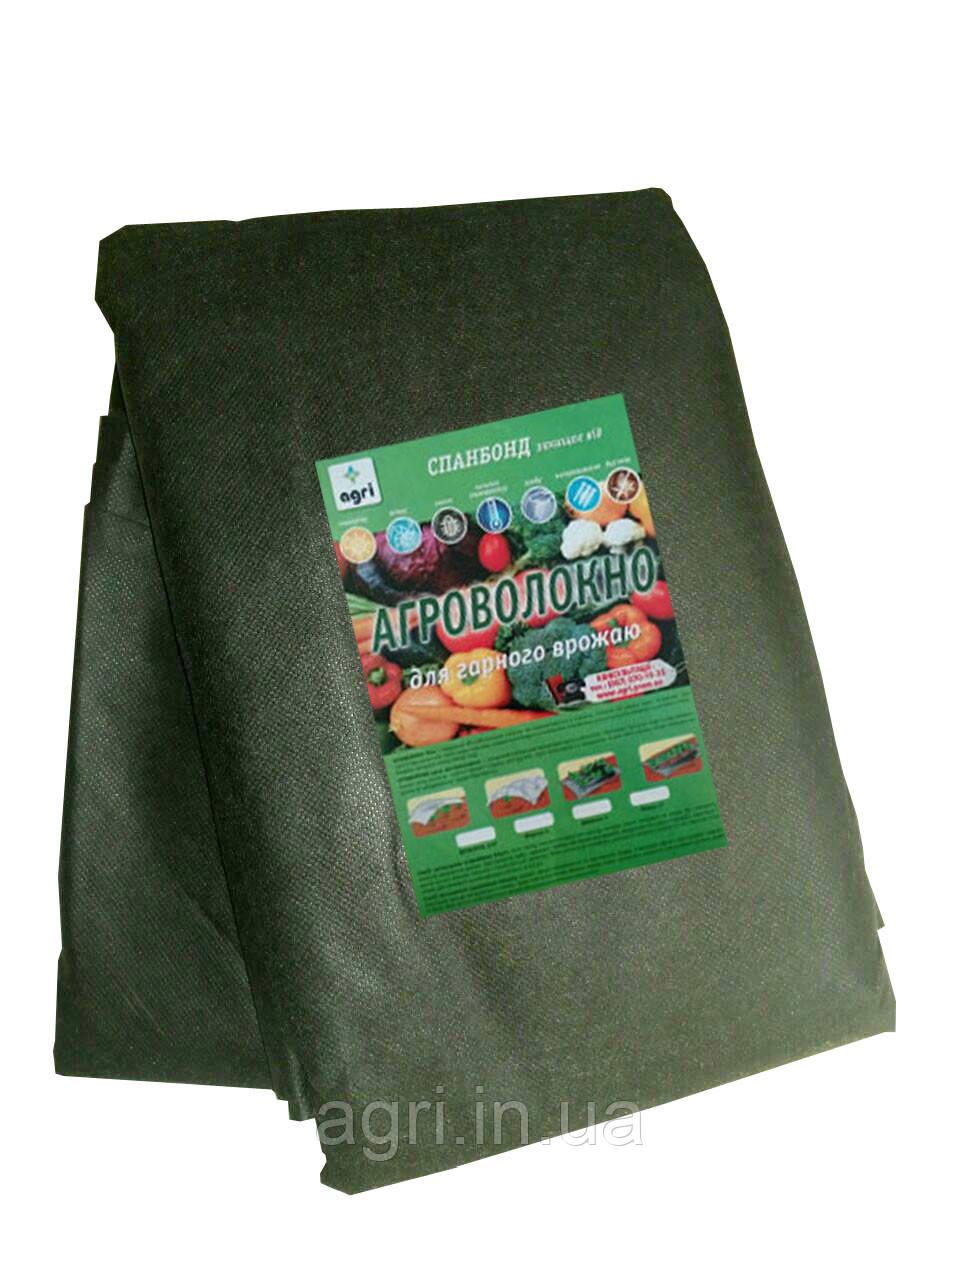 Агроволокно Агротекс 50 г/м² чёрное (1,6м*10м), мульчирующее от сорняков, для клубники